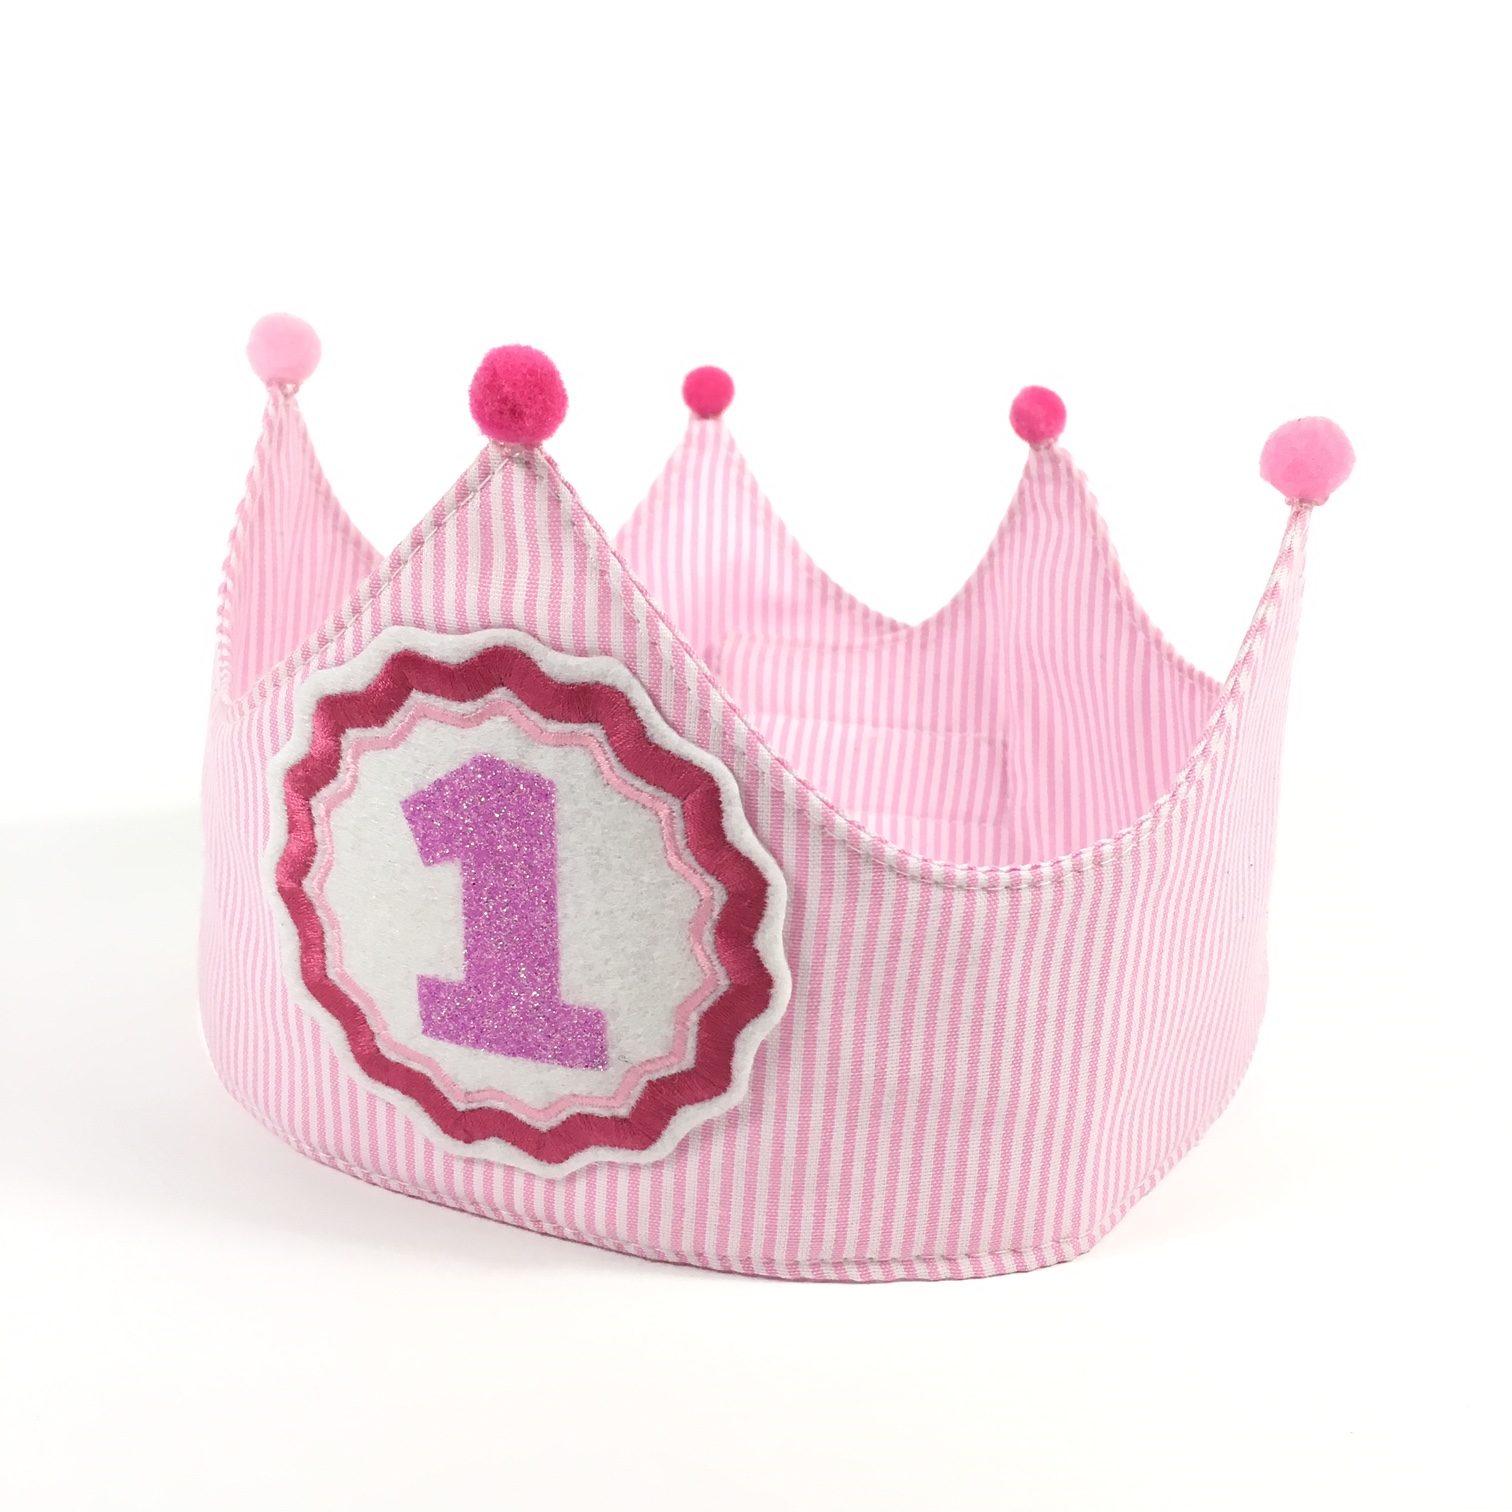 Corona cumpleaños tela